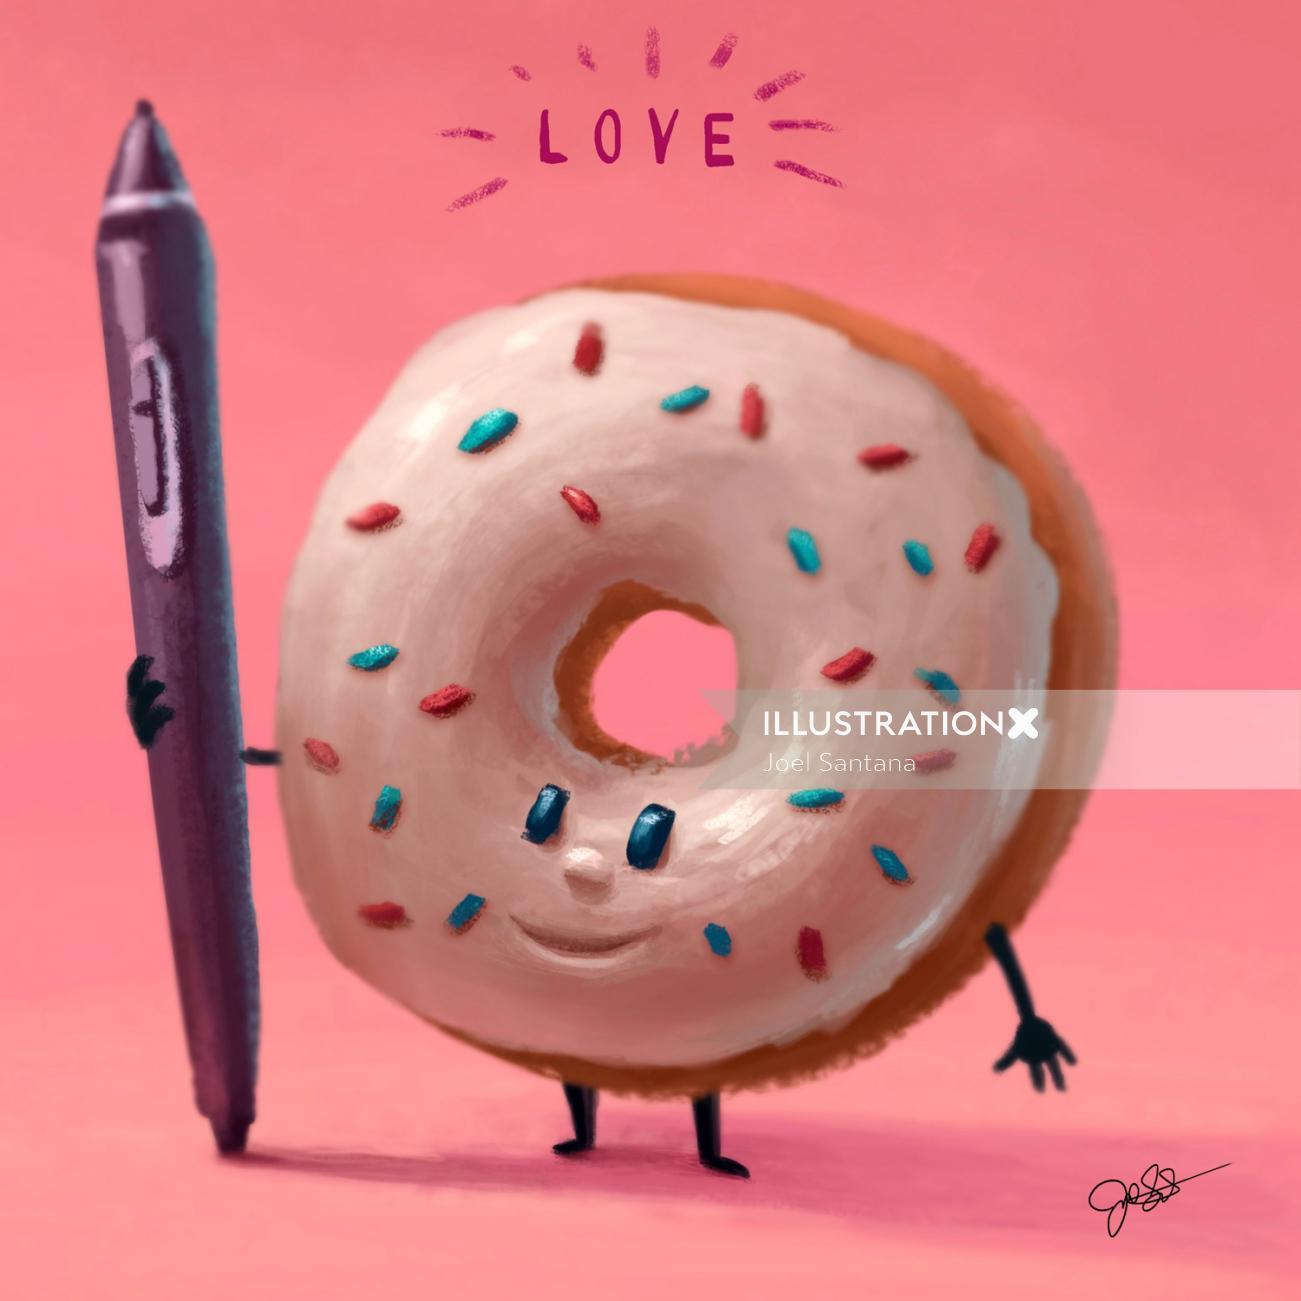 Cartoon illustration of donuts